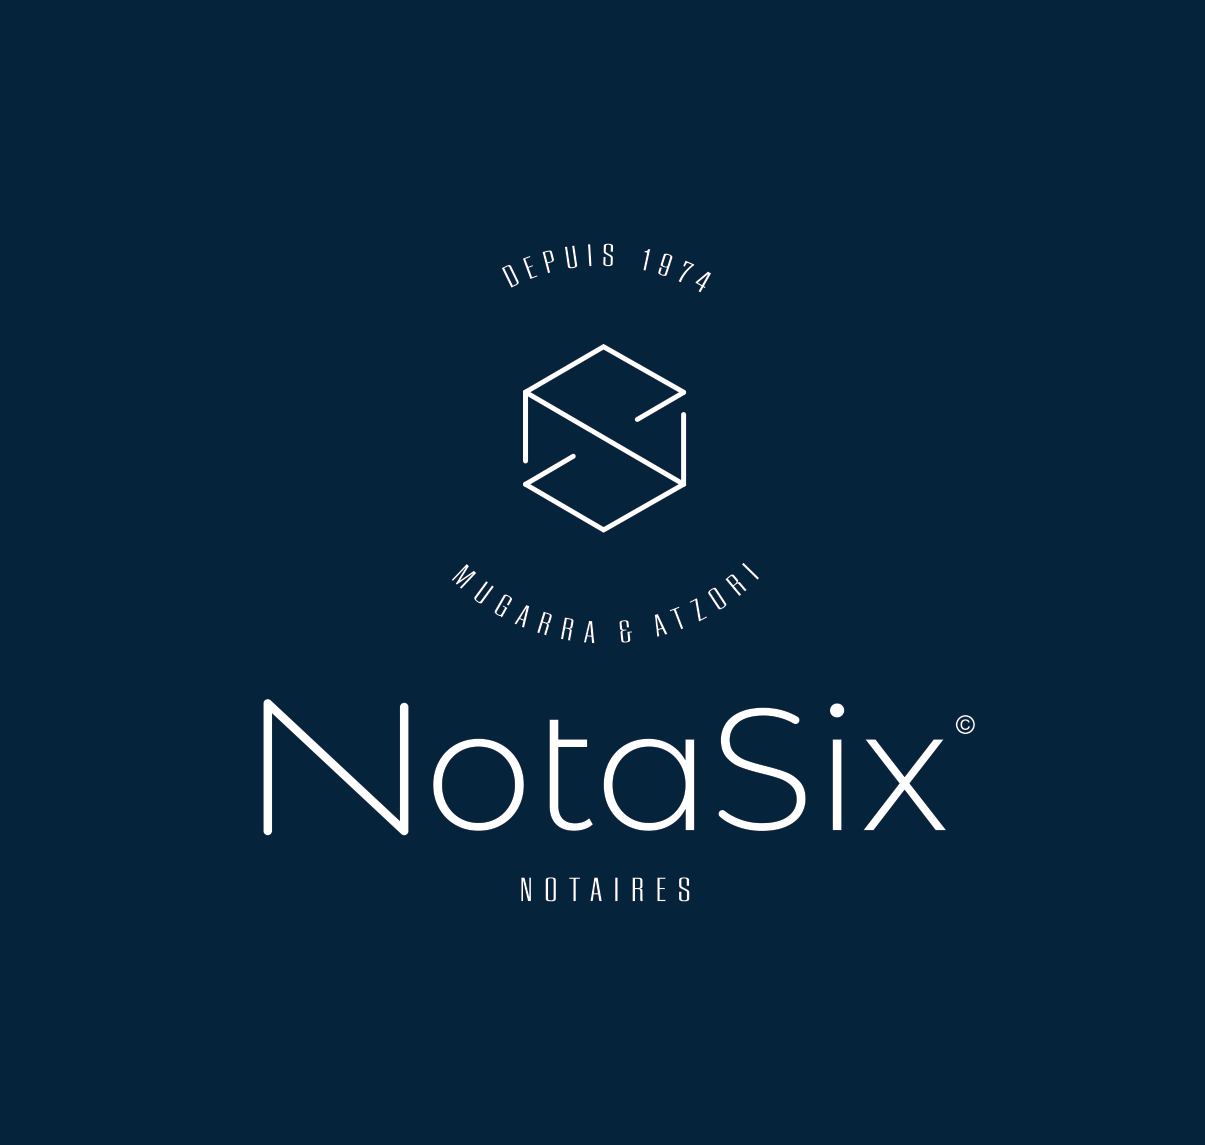 NotaSIX2